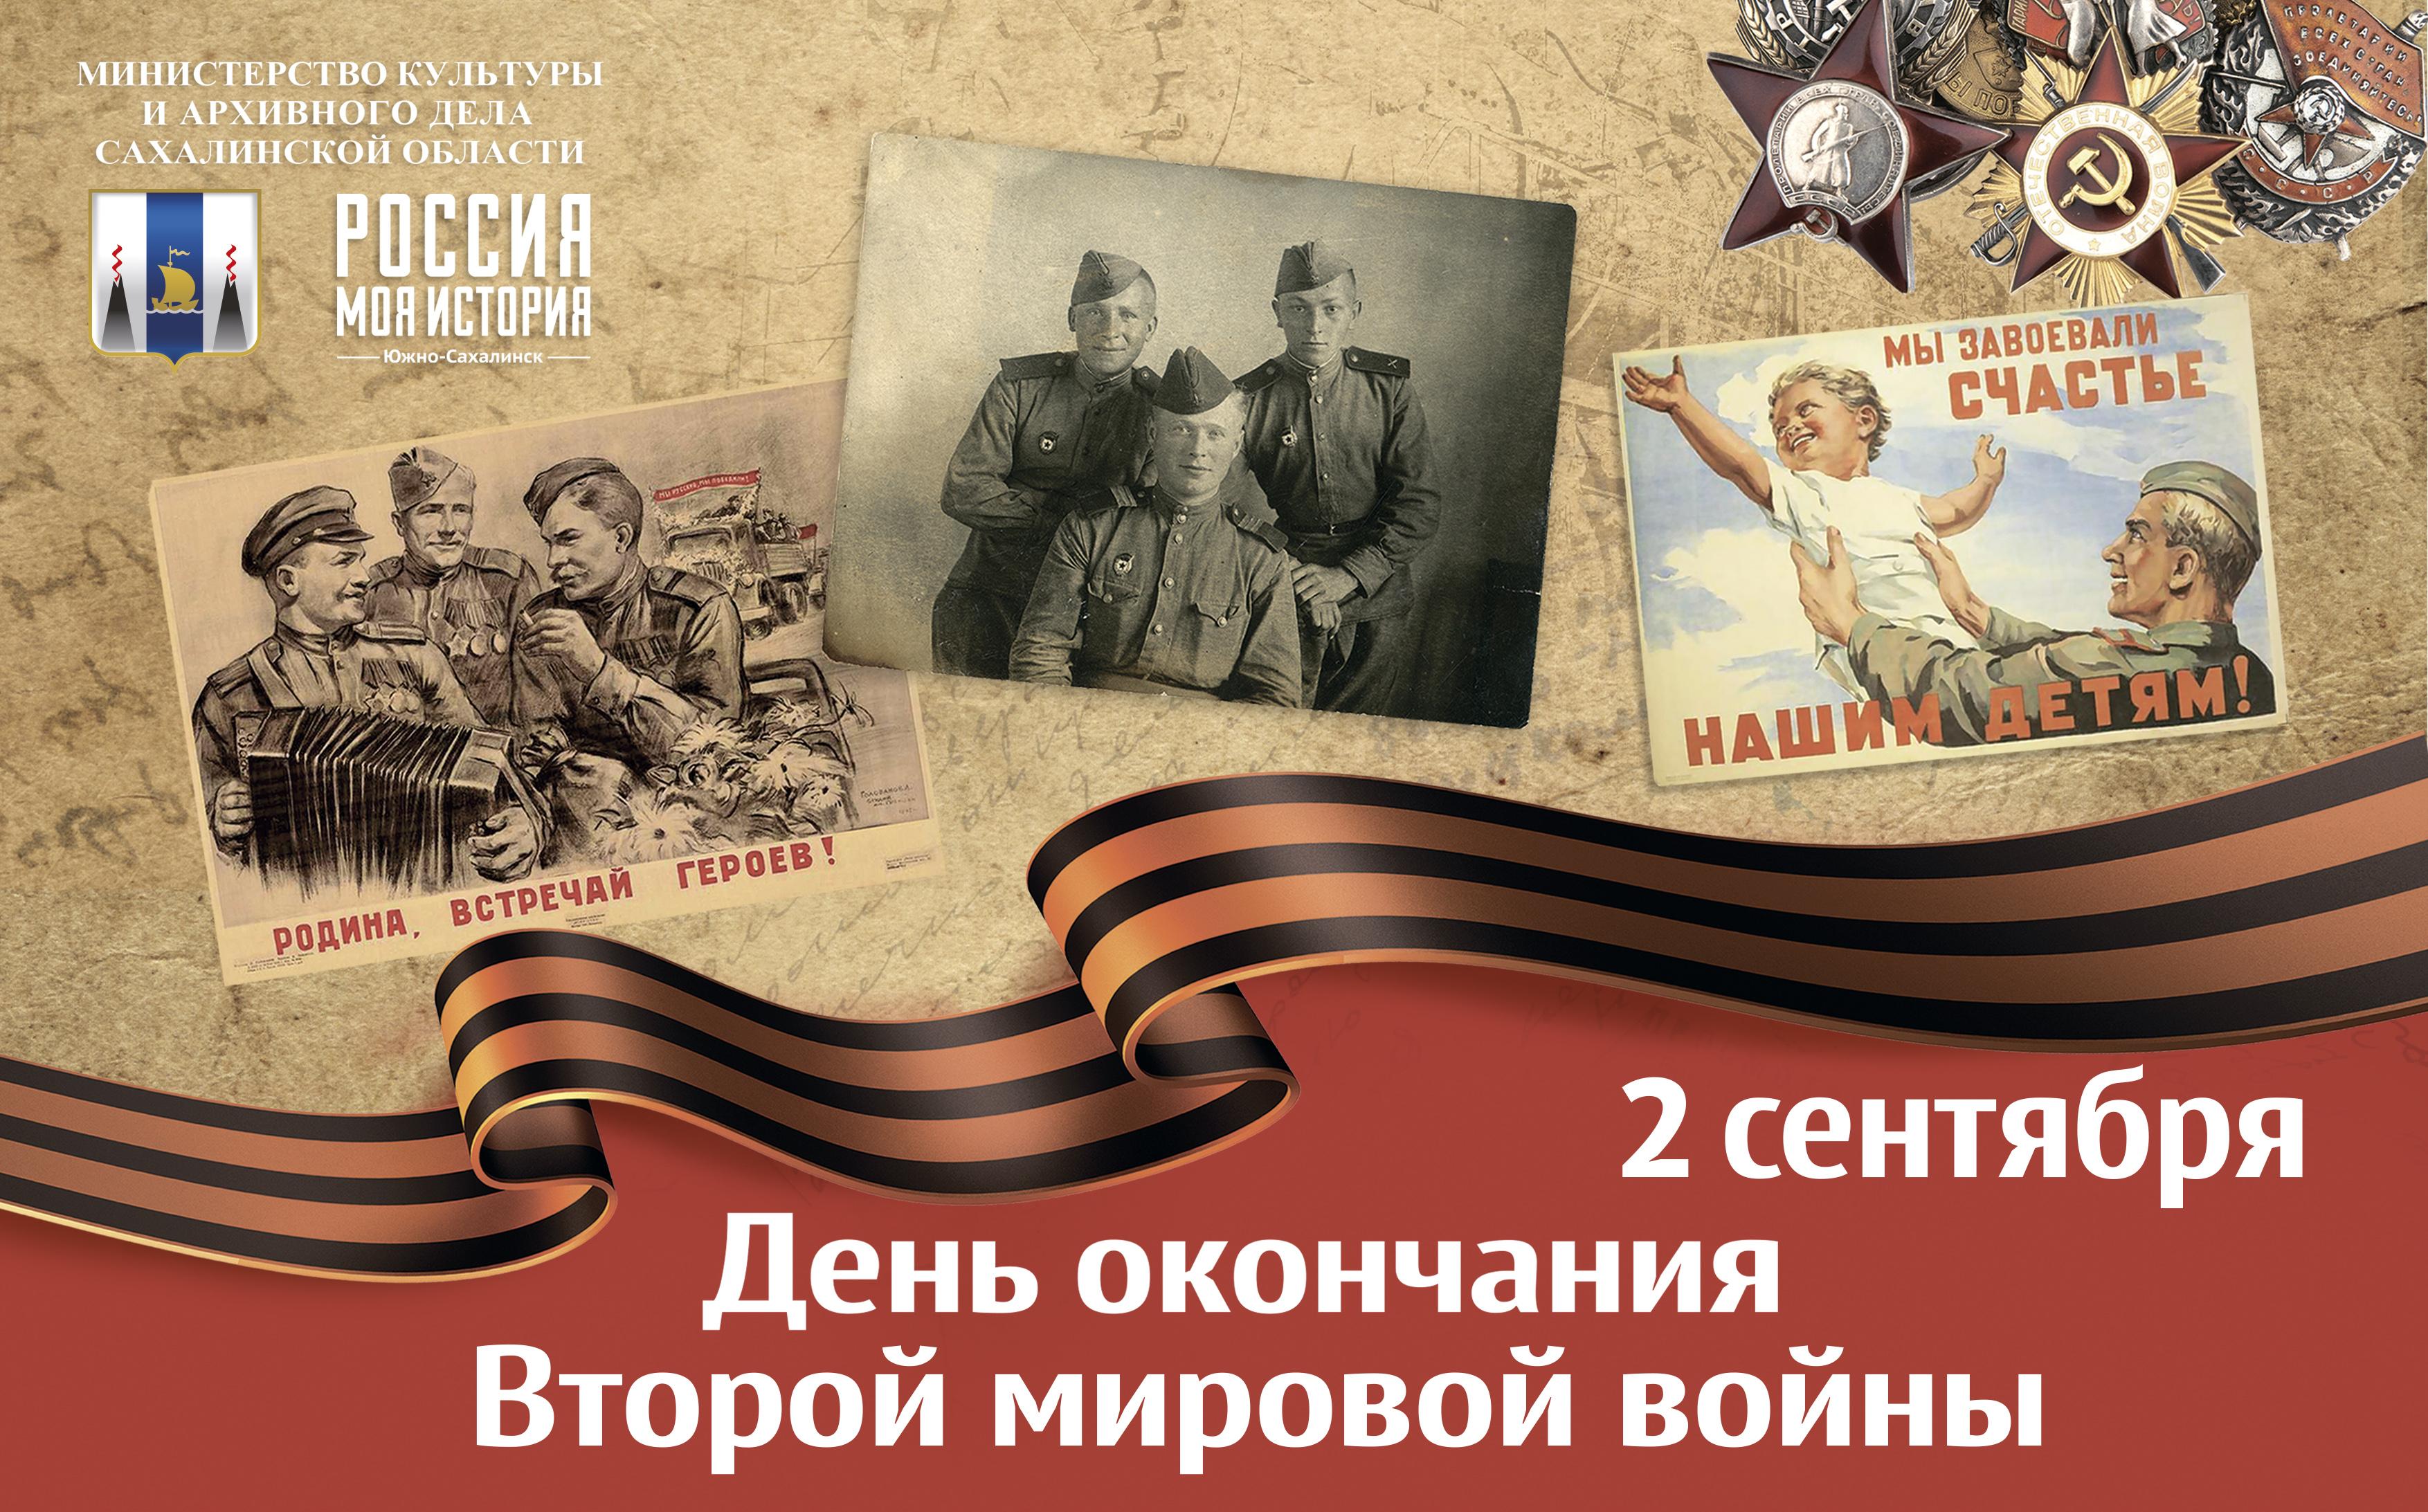 Завтра, 3 сентября, вся страна отметит 75-ю годовщину со дня окончания Второй мировой войны